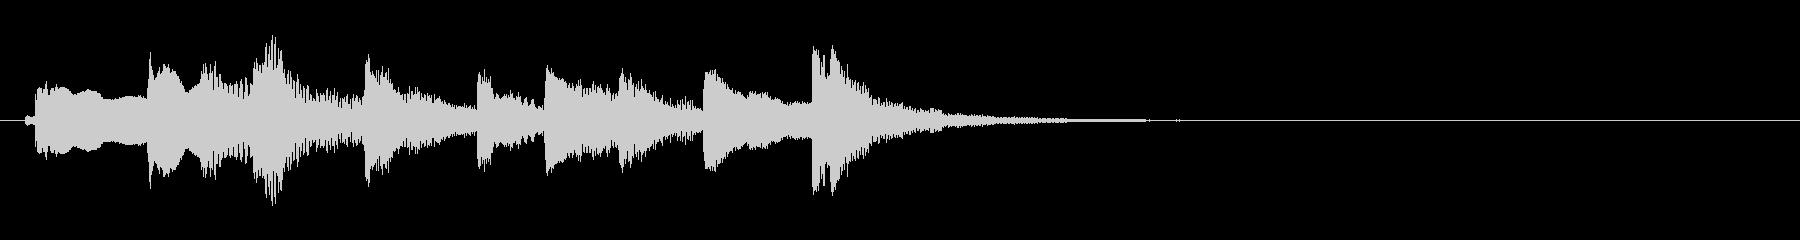 和風 シンプルな琴のジングル5の未再生の波形